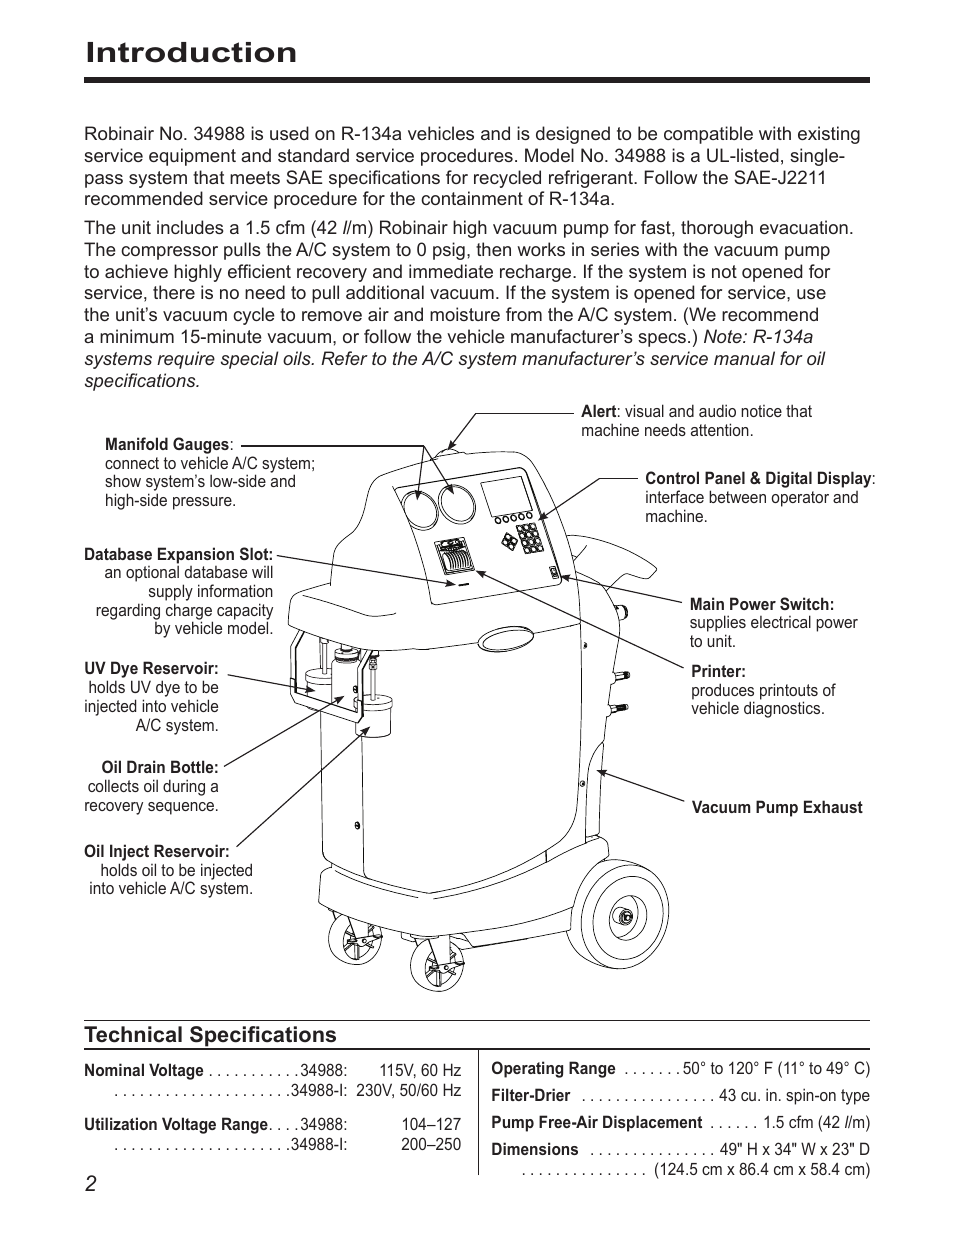 Robin air cooltech 34700z manual.